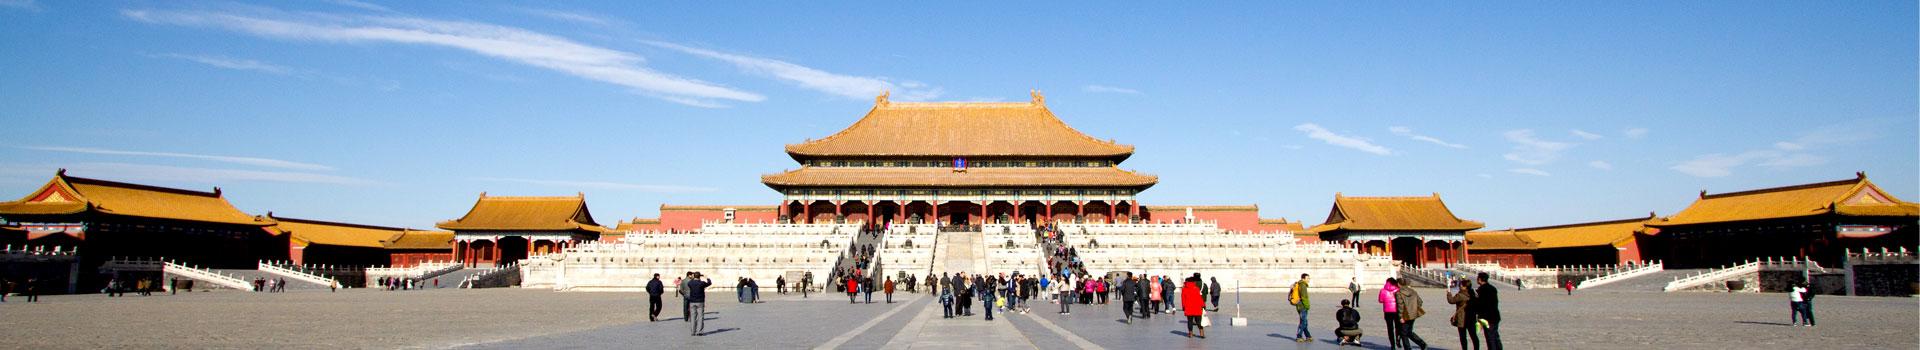 Beijing Tours